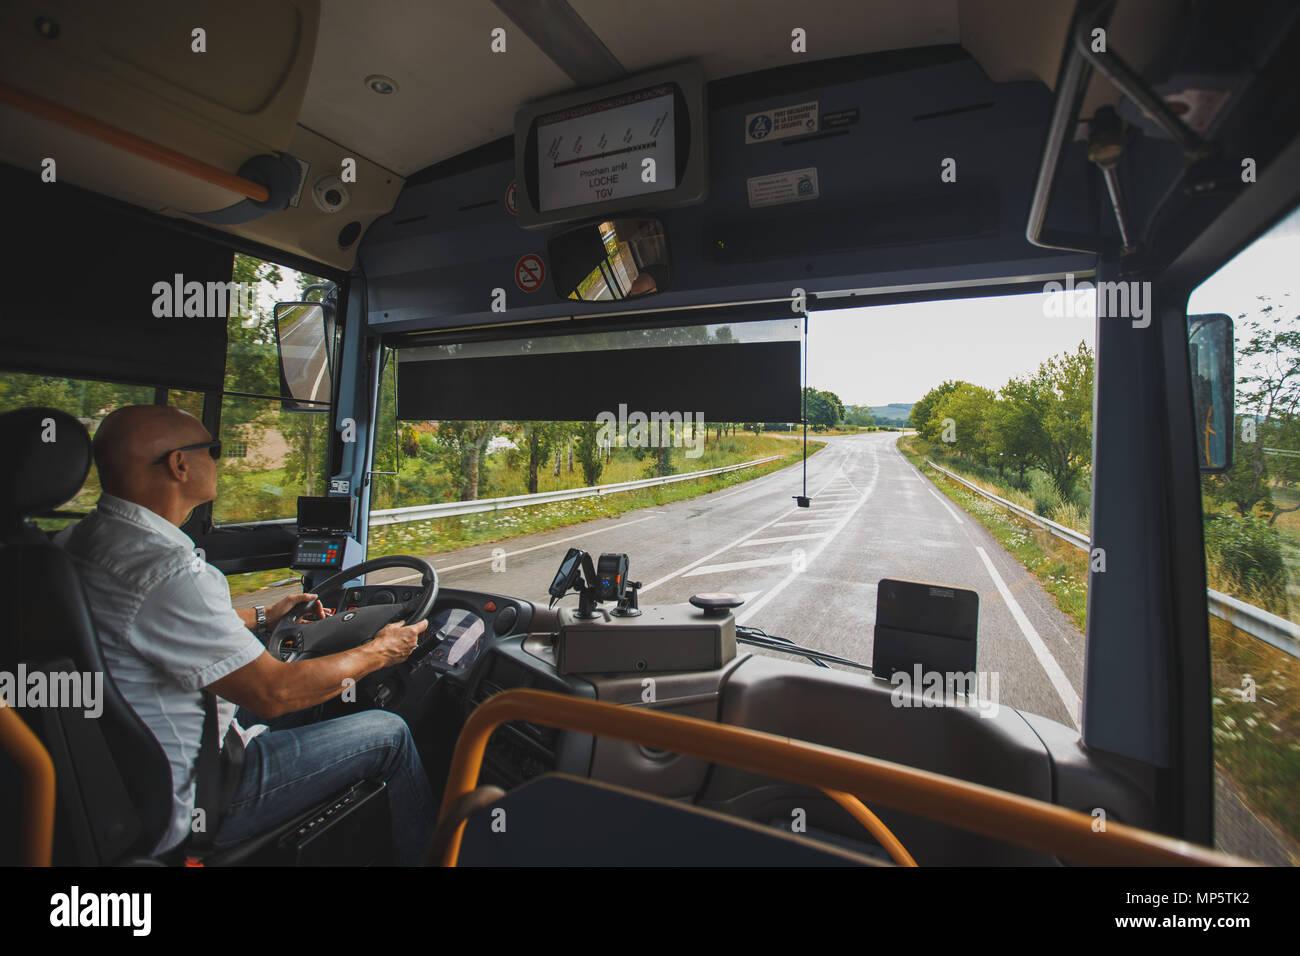 Thema ist der Beruf des Treibers und der Personenbeförderung. Ein Mann in Sonnenbrille einen Treiber, der eine touristische Regional Bus in Frankreich Region der Laufwerke Stockbild